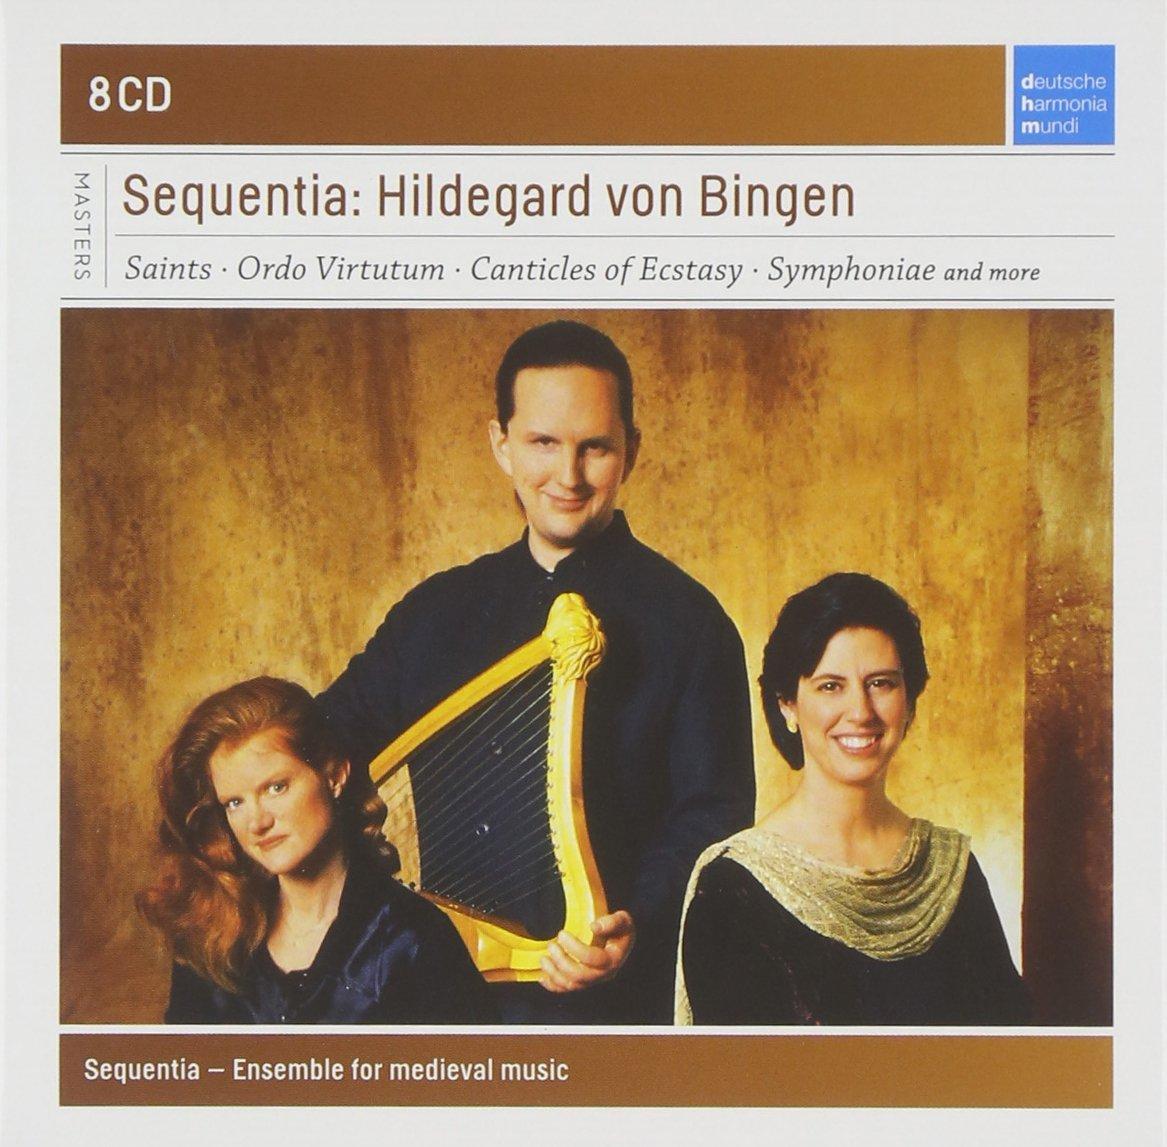 Hildegard8CD.jpg